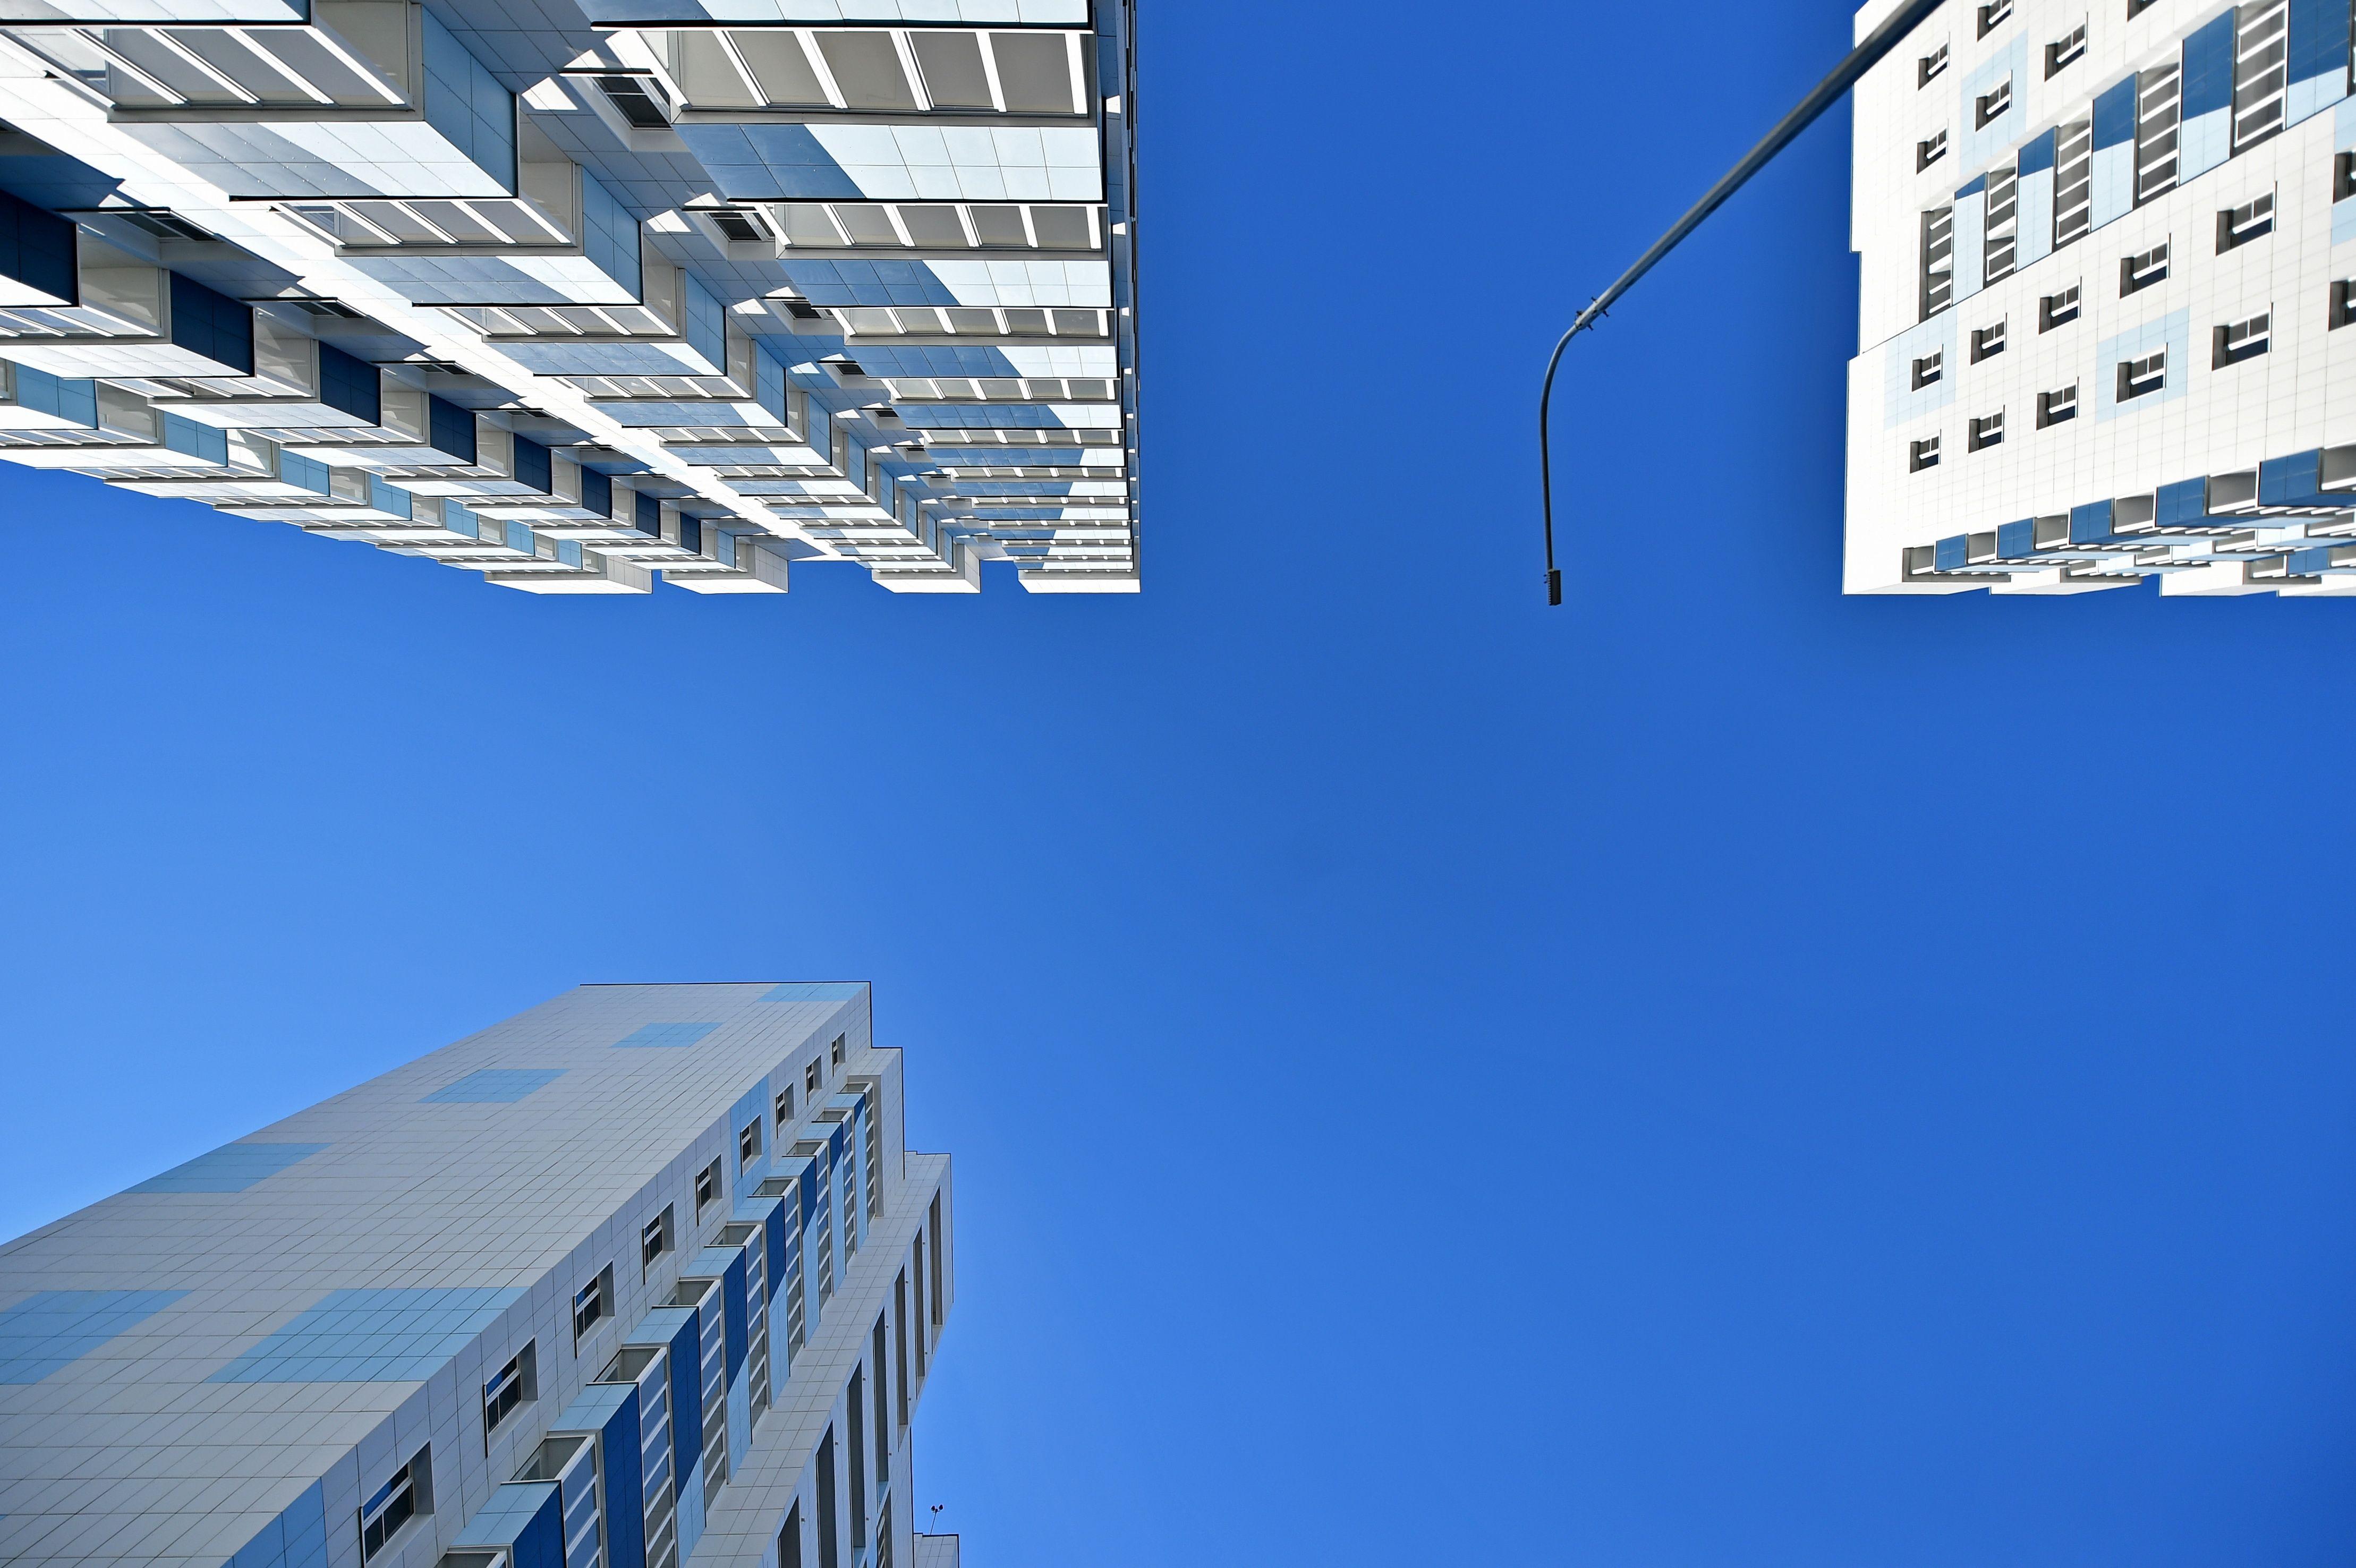 Площадь будущих построек превышает тысячу квадратных метров. Фото: Комплекс градостроительной политики и строительства Москвы